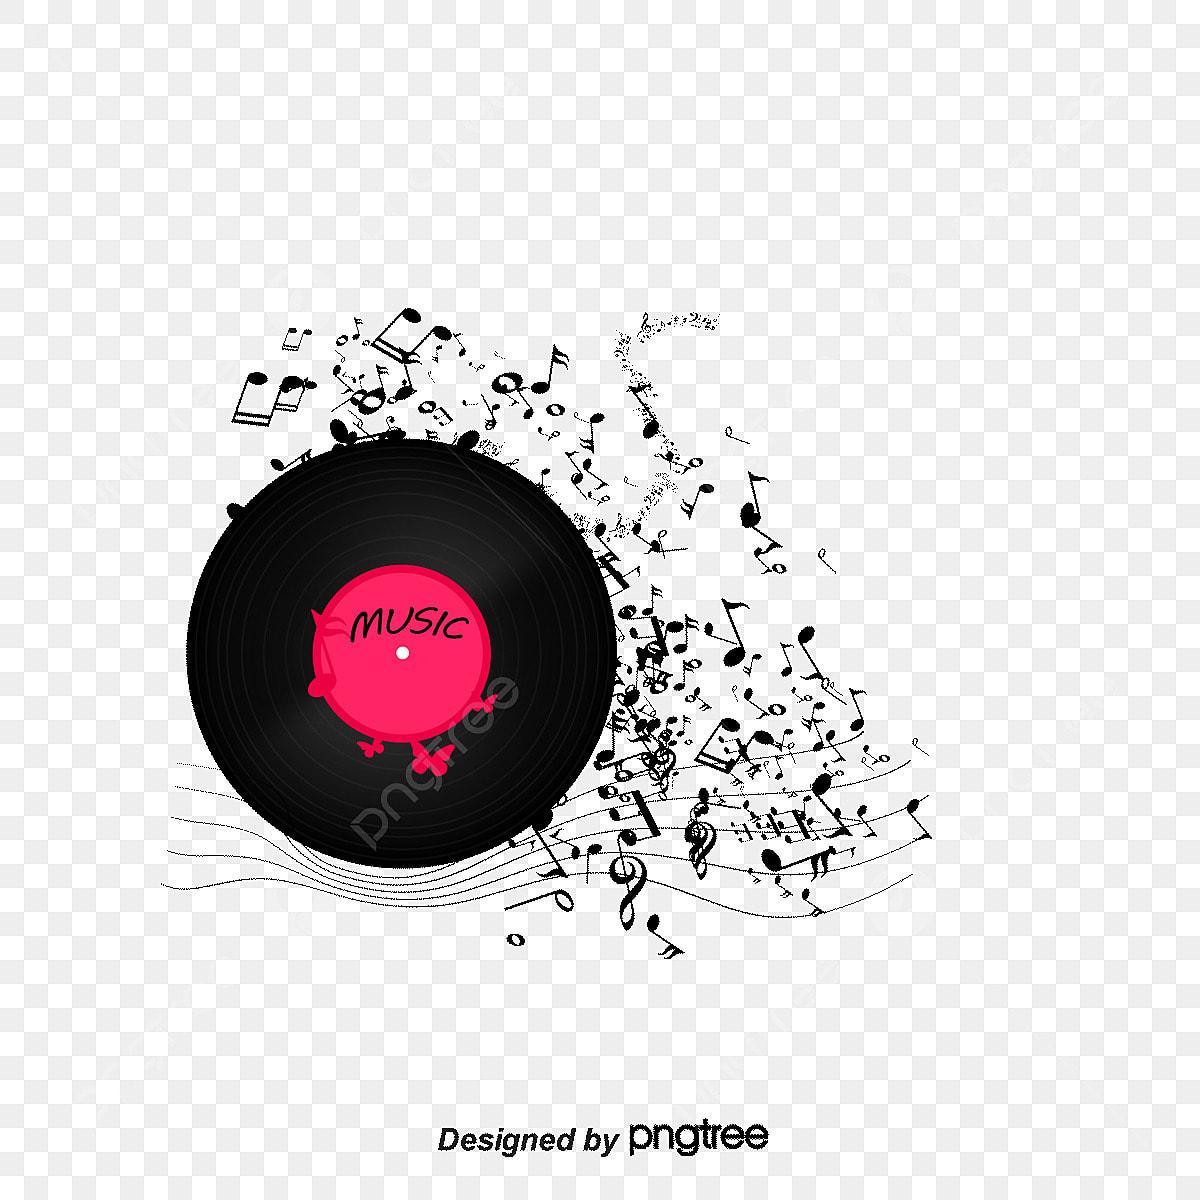 le vecteur de la musique de fond d u00e9coratif  notes  le motif d u00e9coratif de la musique  disque png